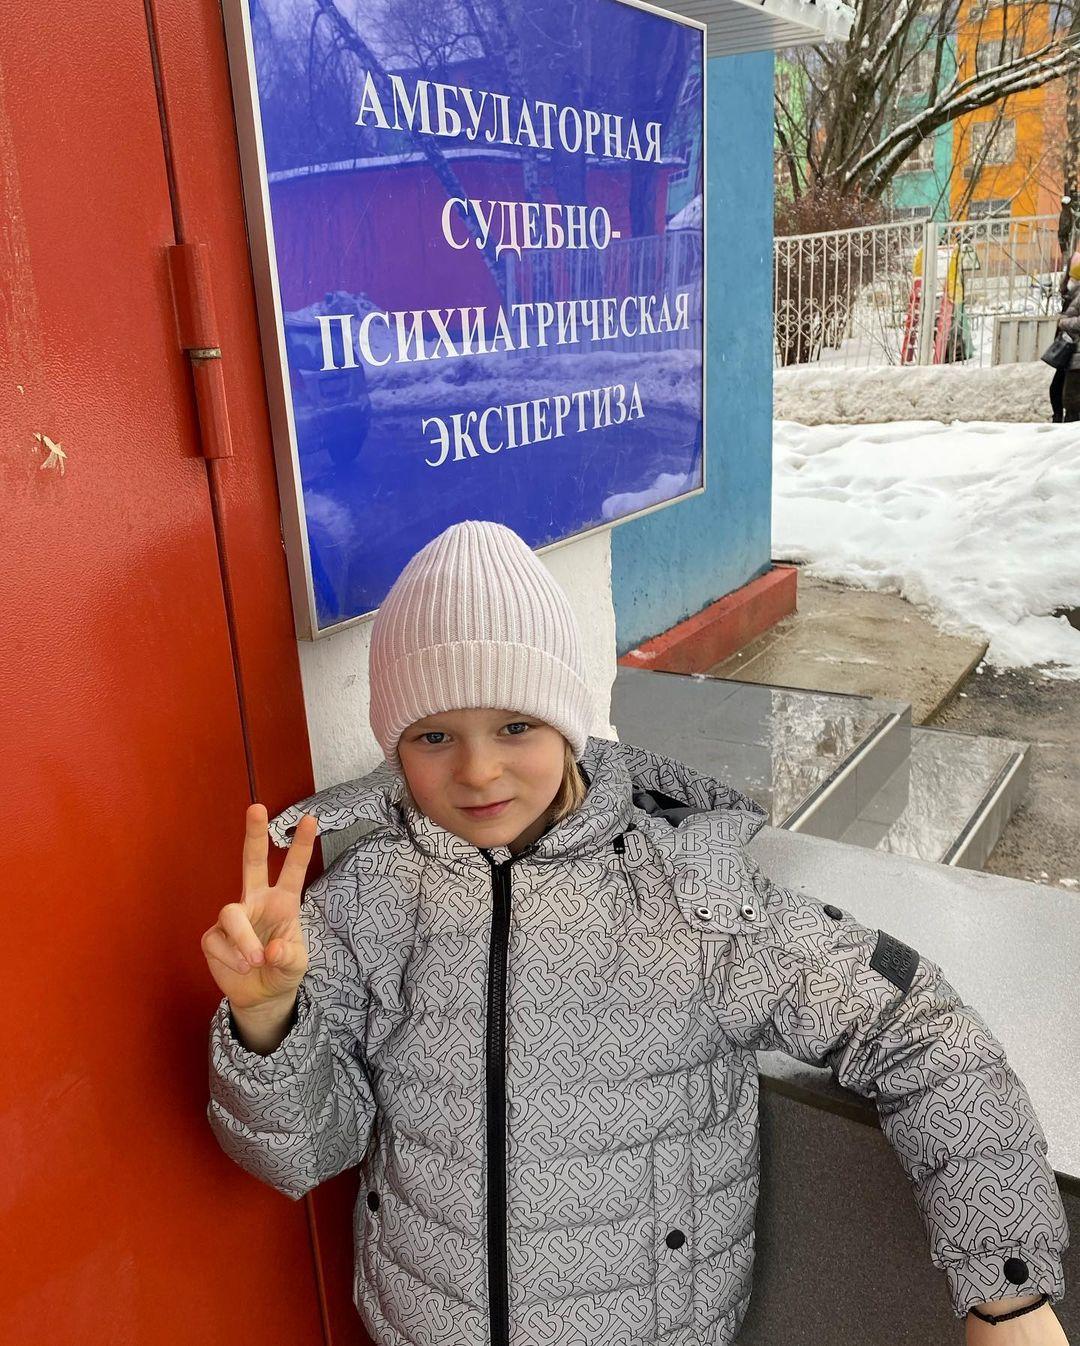 Сын Яны Рудковской прошел судебно-психиатрическую экспертизу